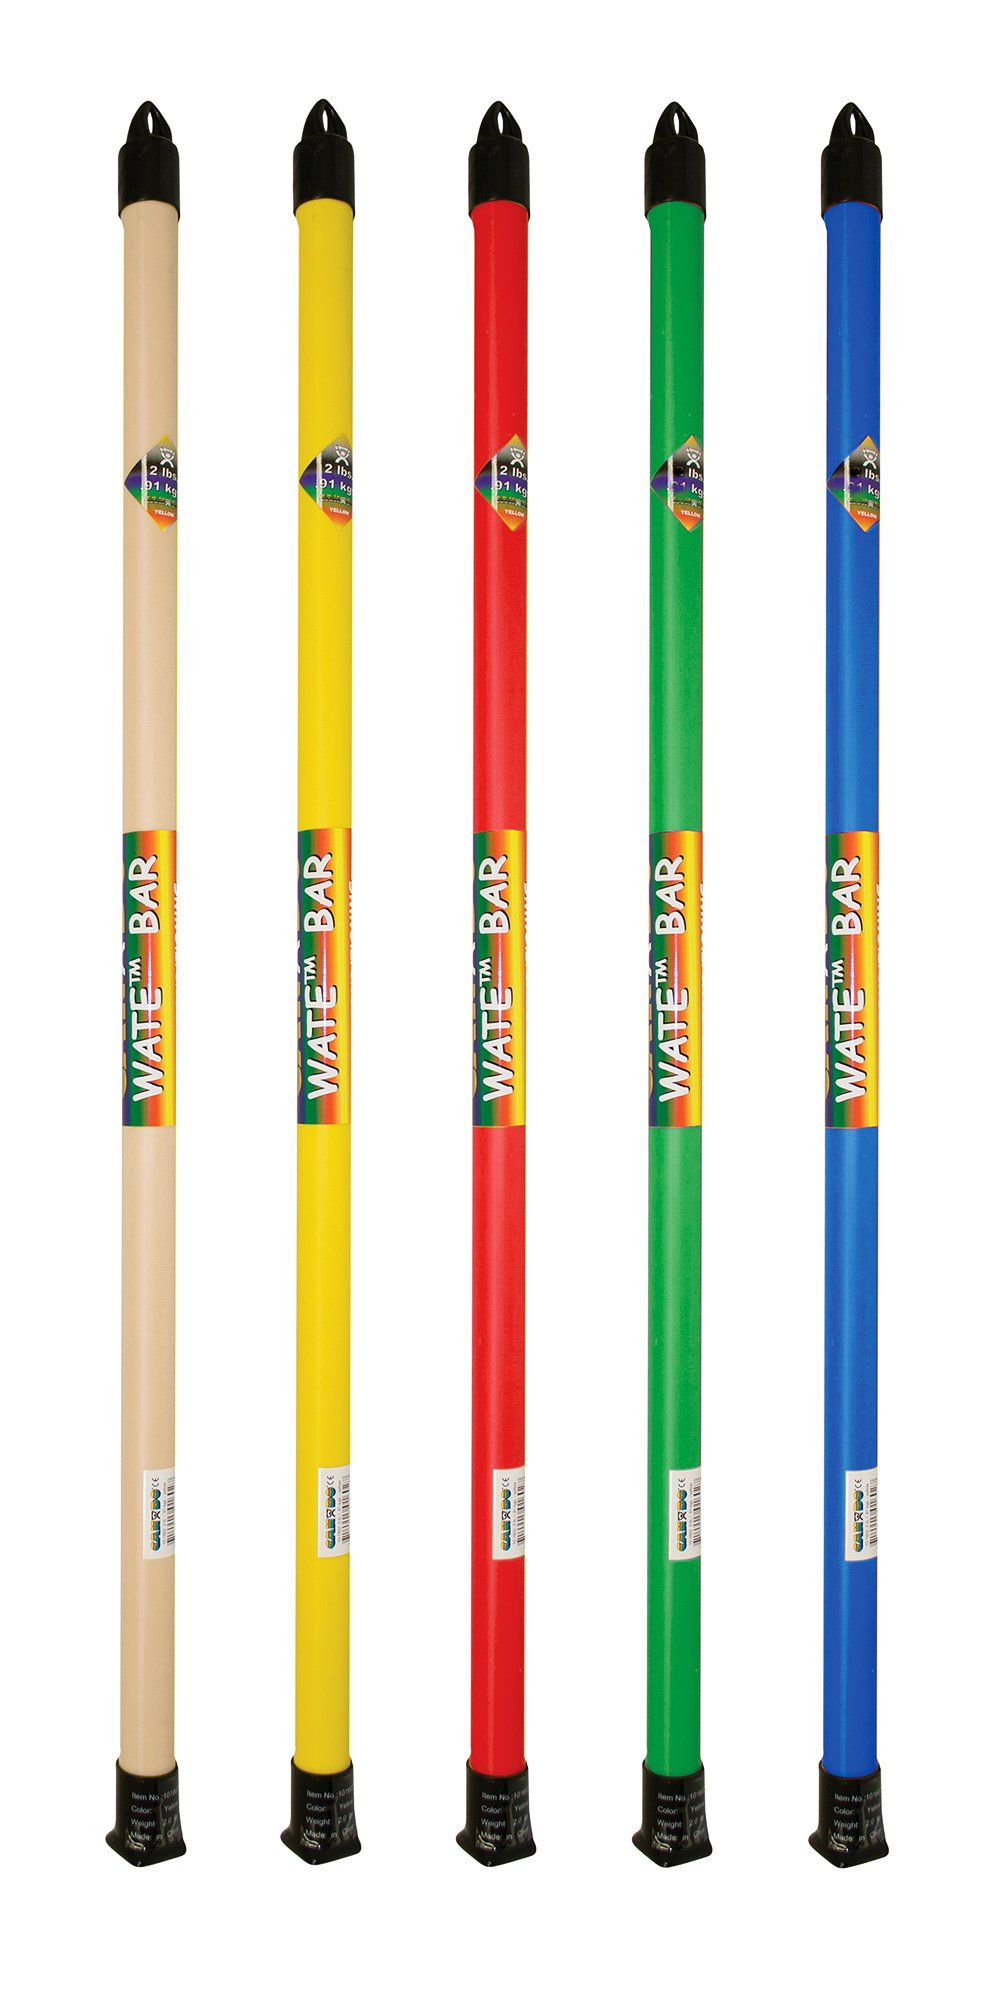 CanDo SLIM WaTE Bar - 5-Piece Bundle - 1, 2, 3, 4, 5 lb by Cando (Image #1)